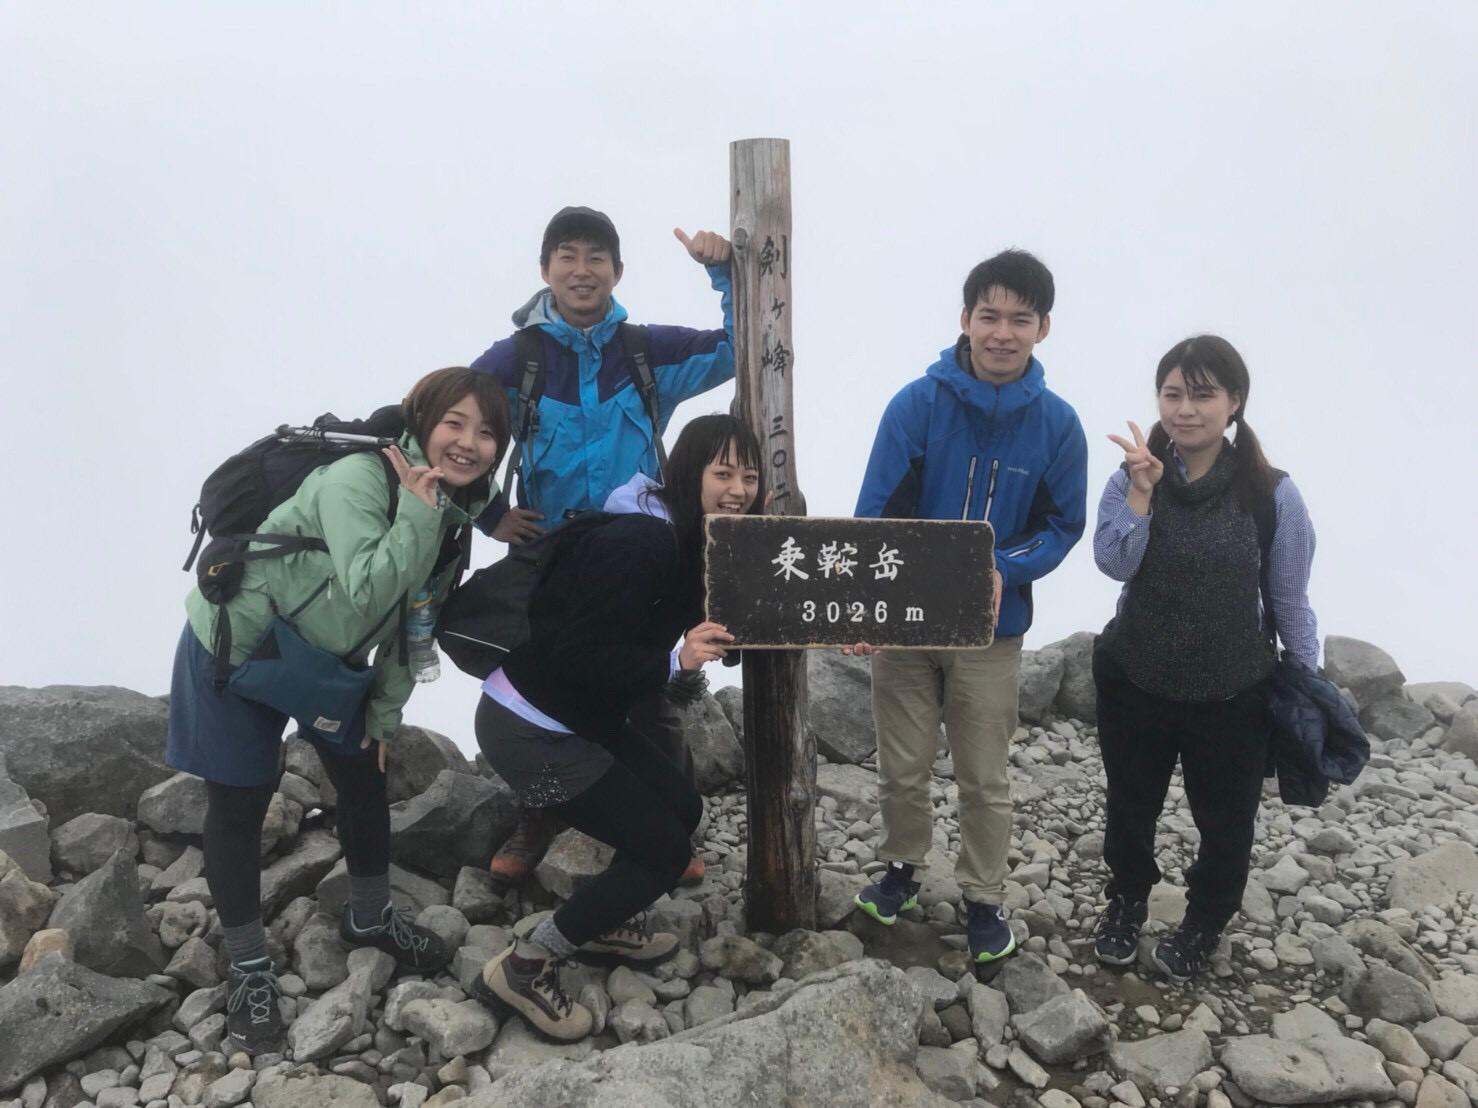 乗鞍岳(標高3026m)